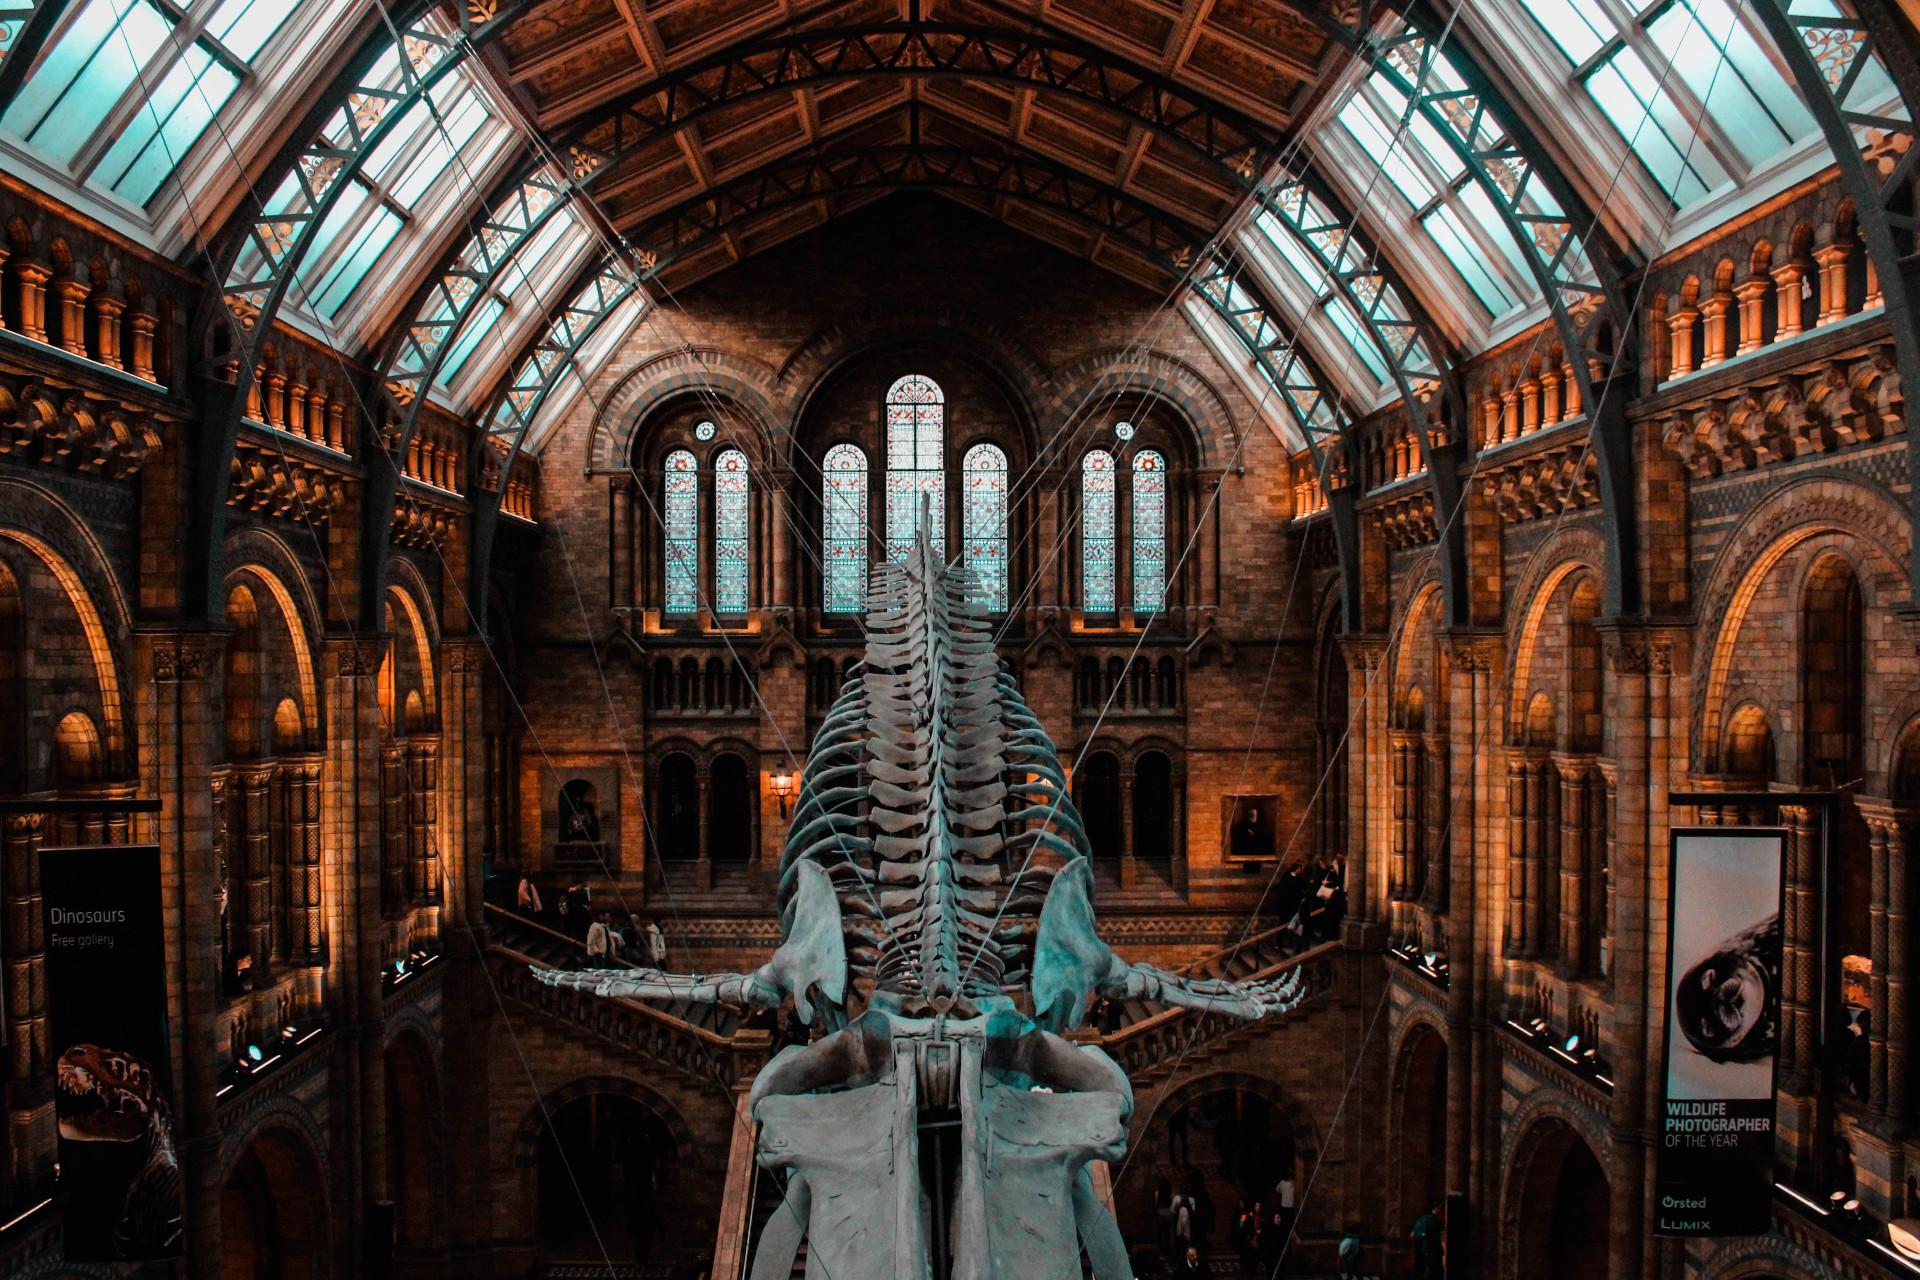 Exhibit of bone dinosaurs